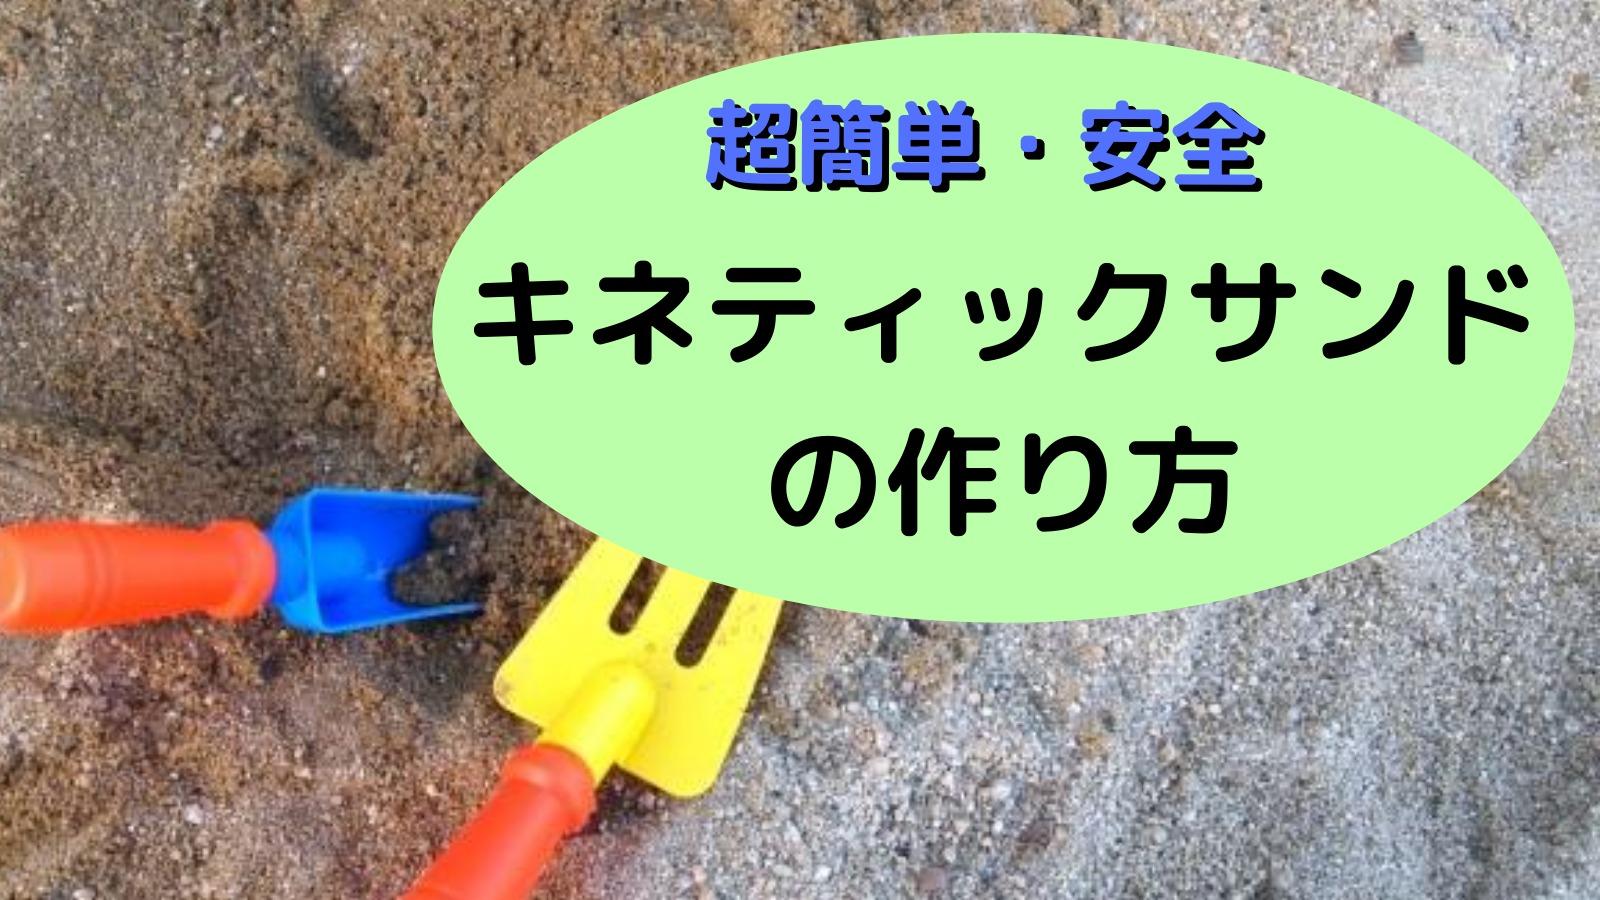 【超簡単・安全】キネティックサンドの作り方